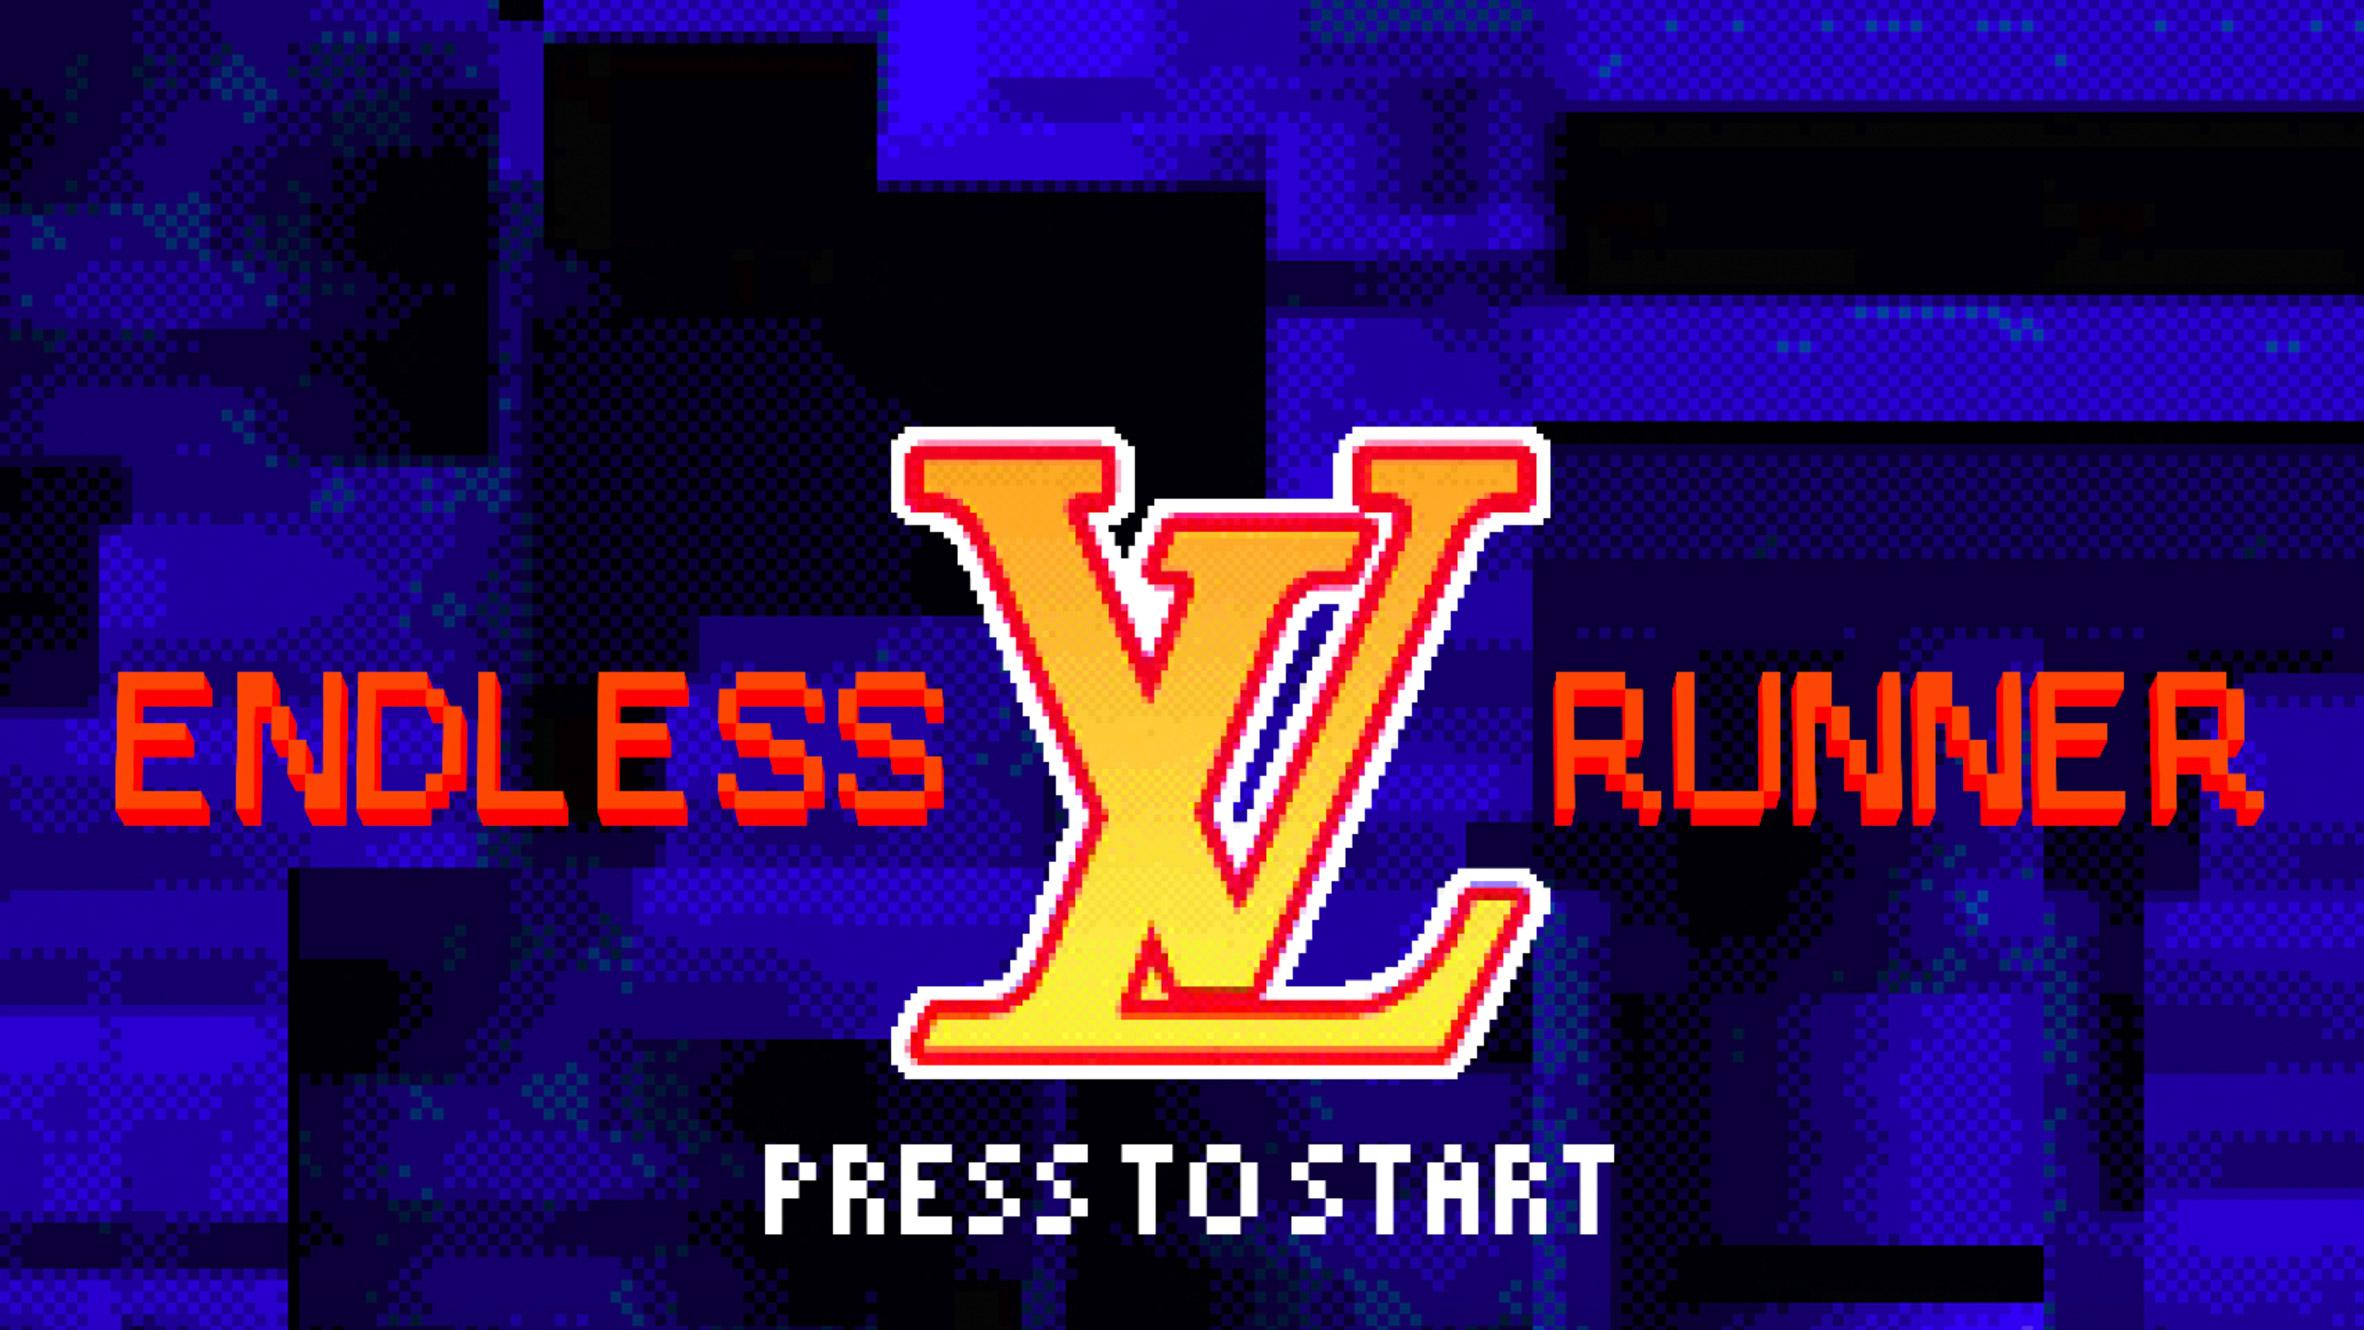 Louis Vuitton 'Endless runner' video game